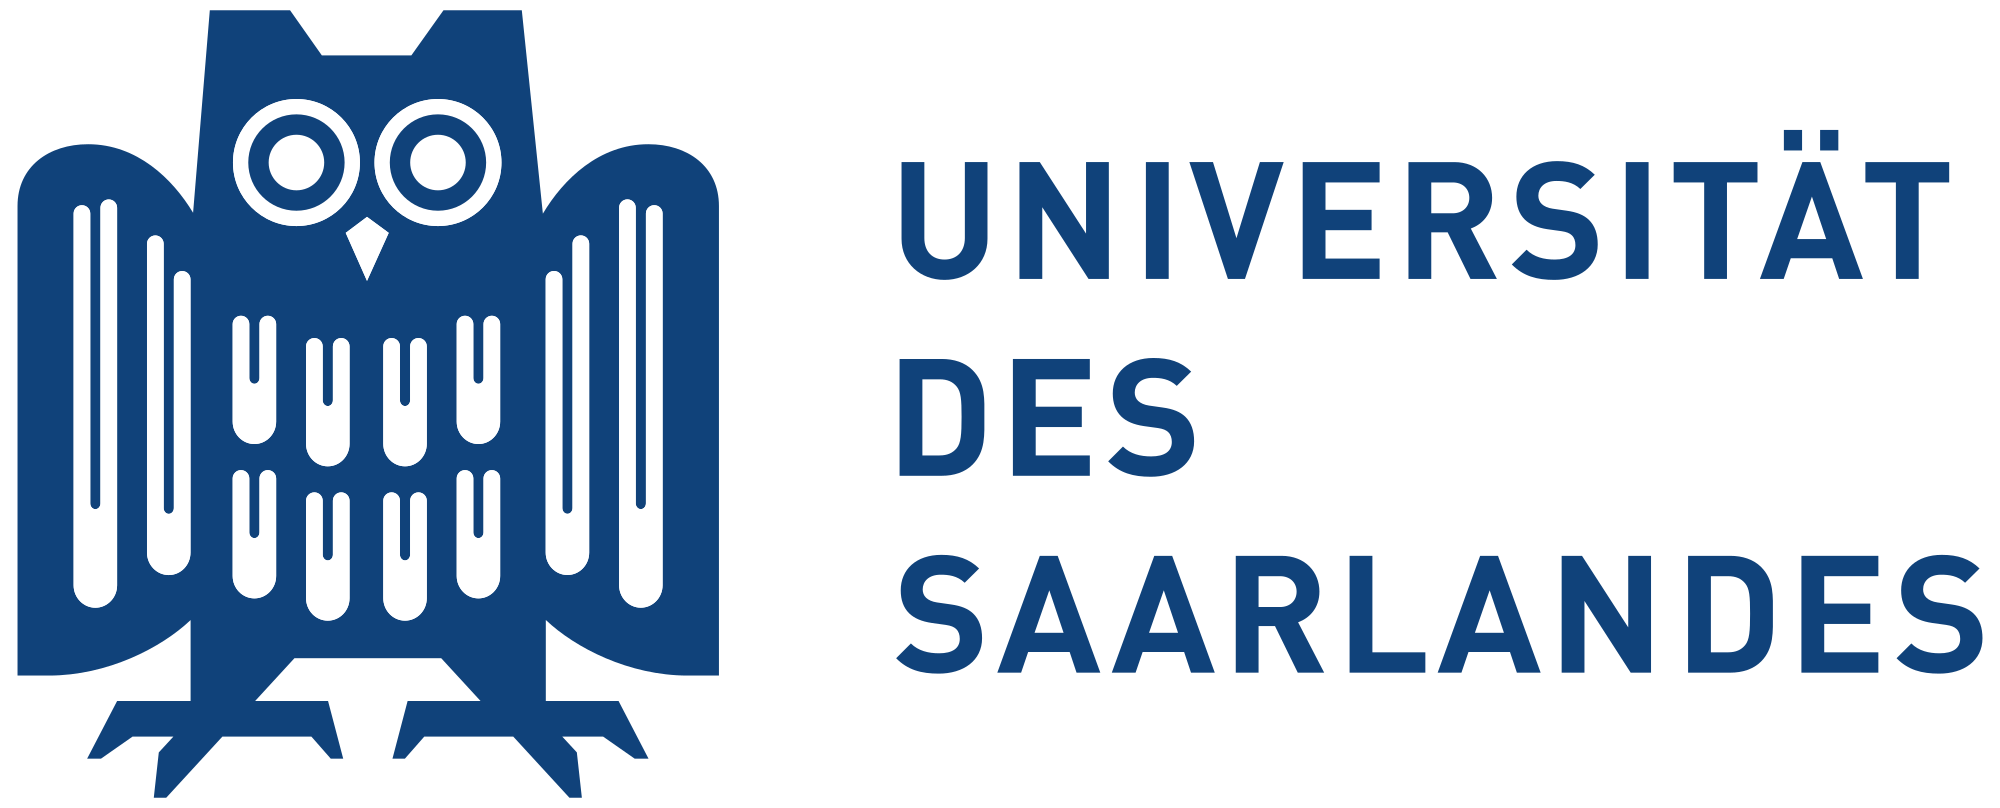 Universität_des_Saarlandes